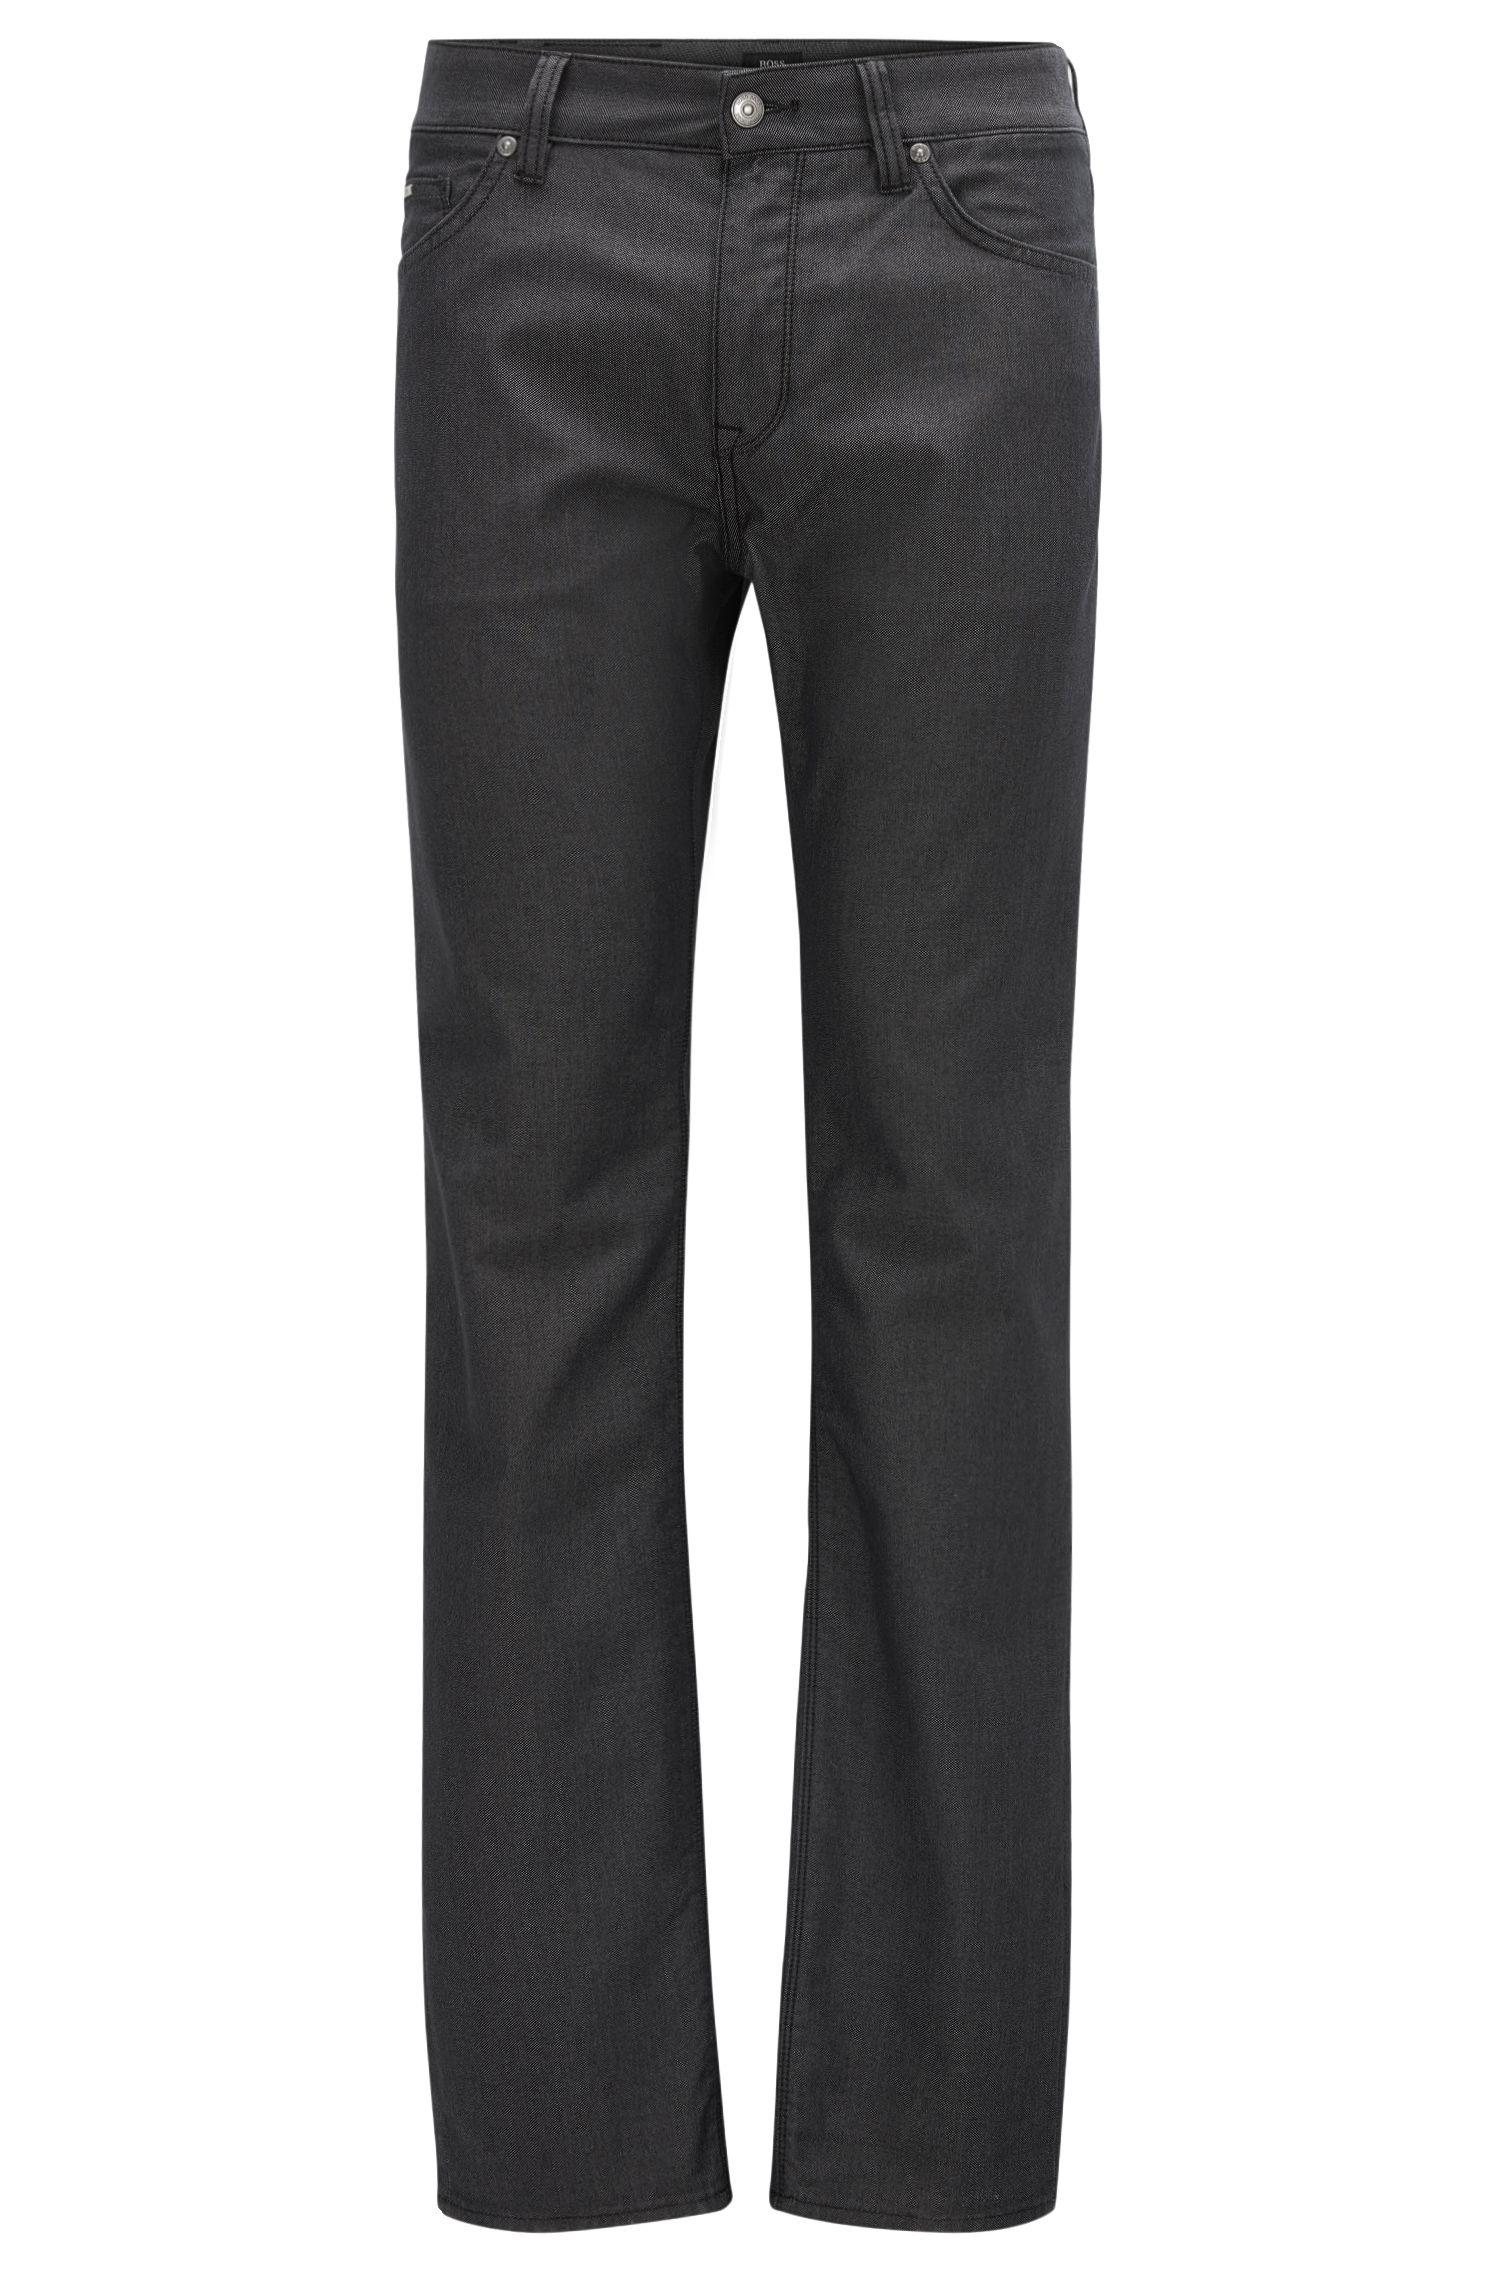 Jeans Regular Fit en tissu avec points de sellier